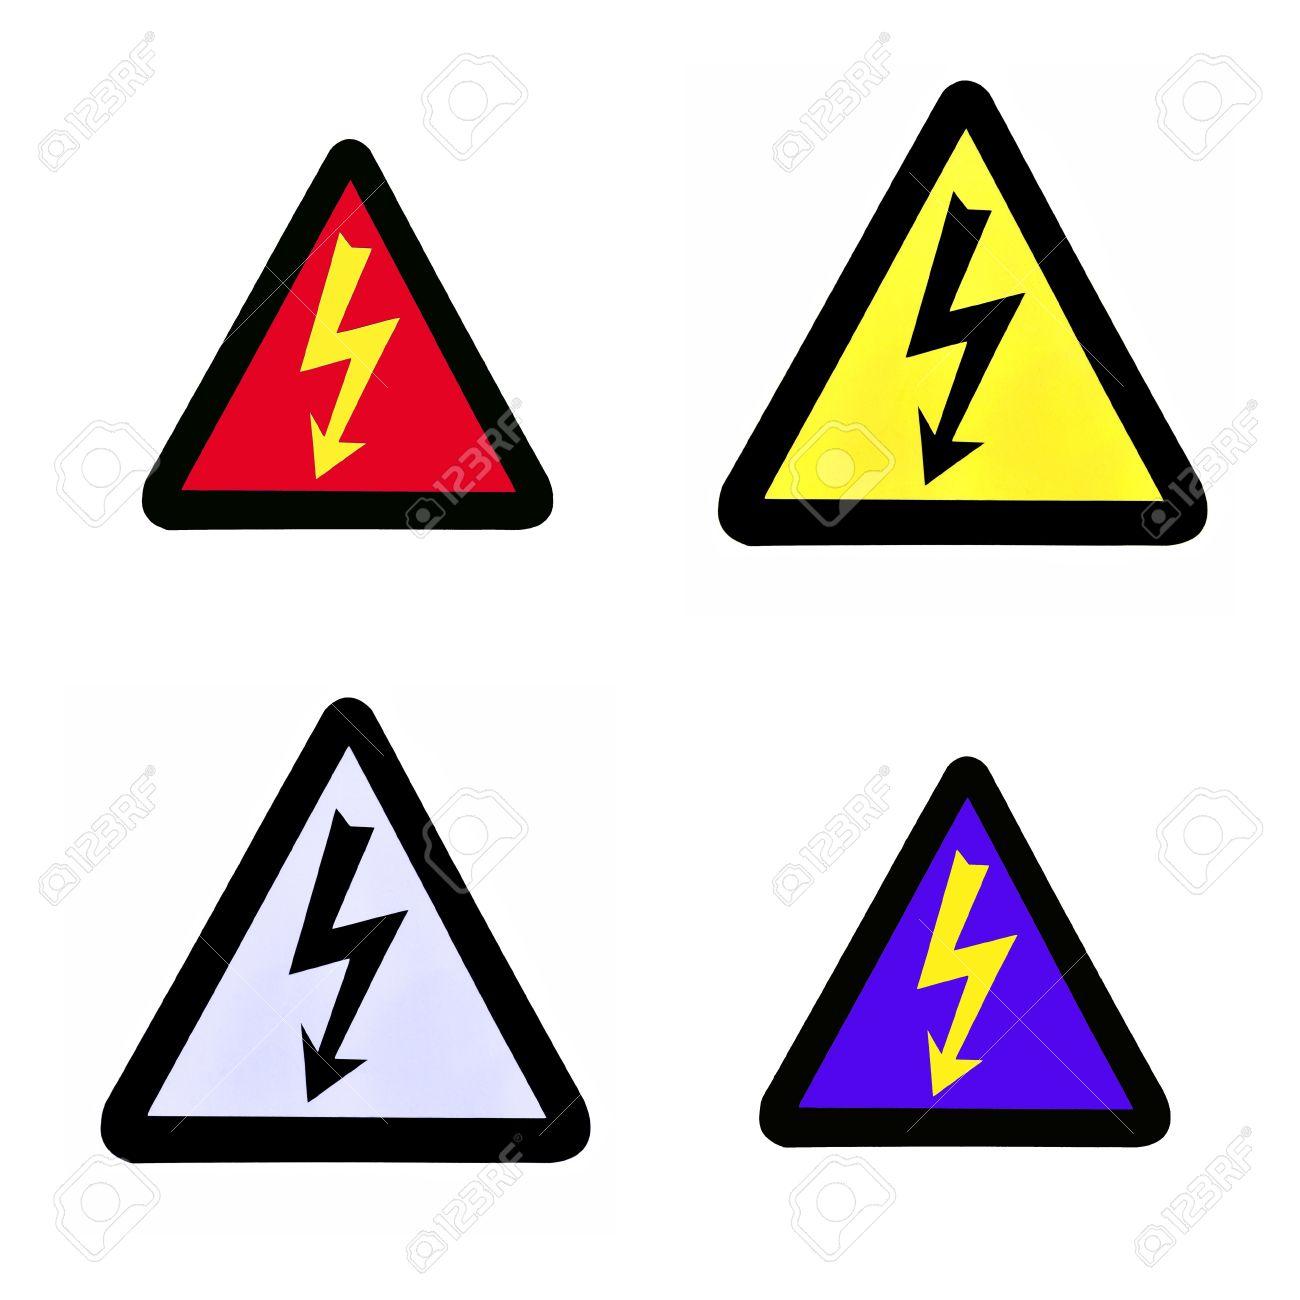 Set of high voltage sign high voltage symbol stock photo picture set of high voltage sign high voltage symbol stock photo 16358069 buycottarizona